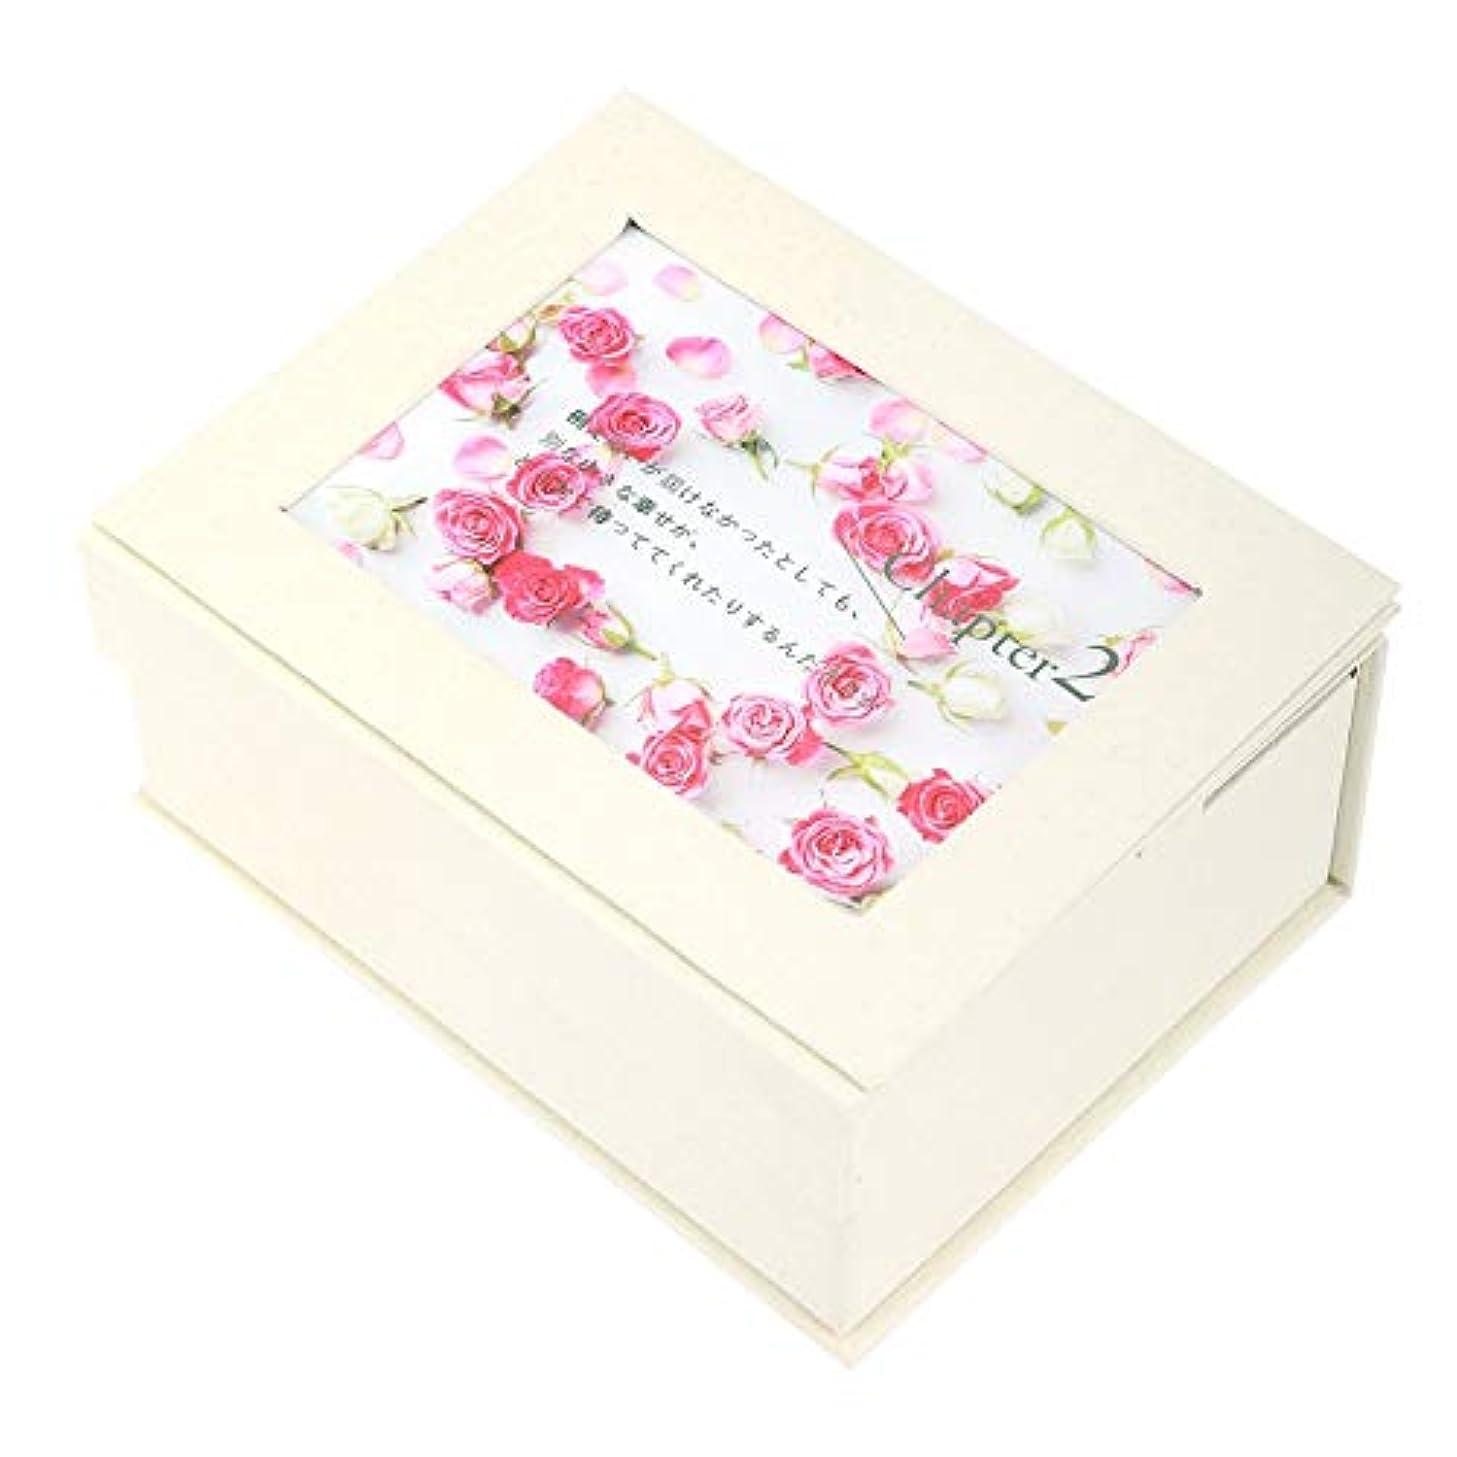 取るに足らない失うローマ人石鹸の花のギフト用の箱、石鹸の花のギフト用の箱の女の子のお母さんの誕生日のクリスマスの結婚式のギフトの写真フレームが付いている花の石鹸(#1)